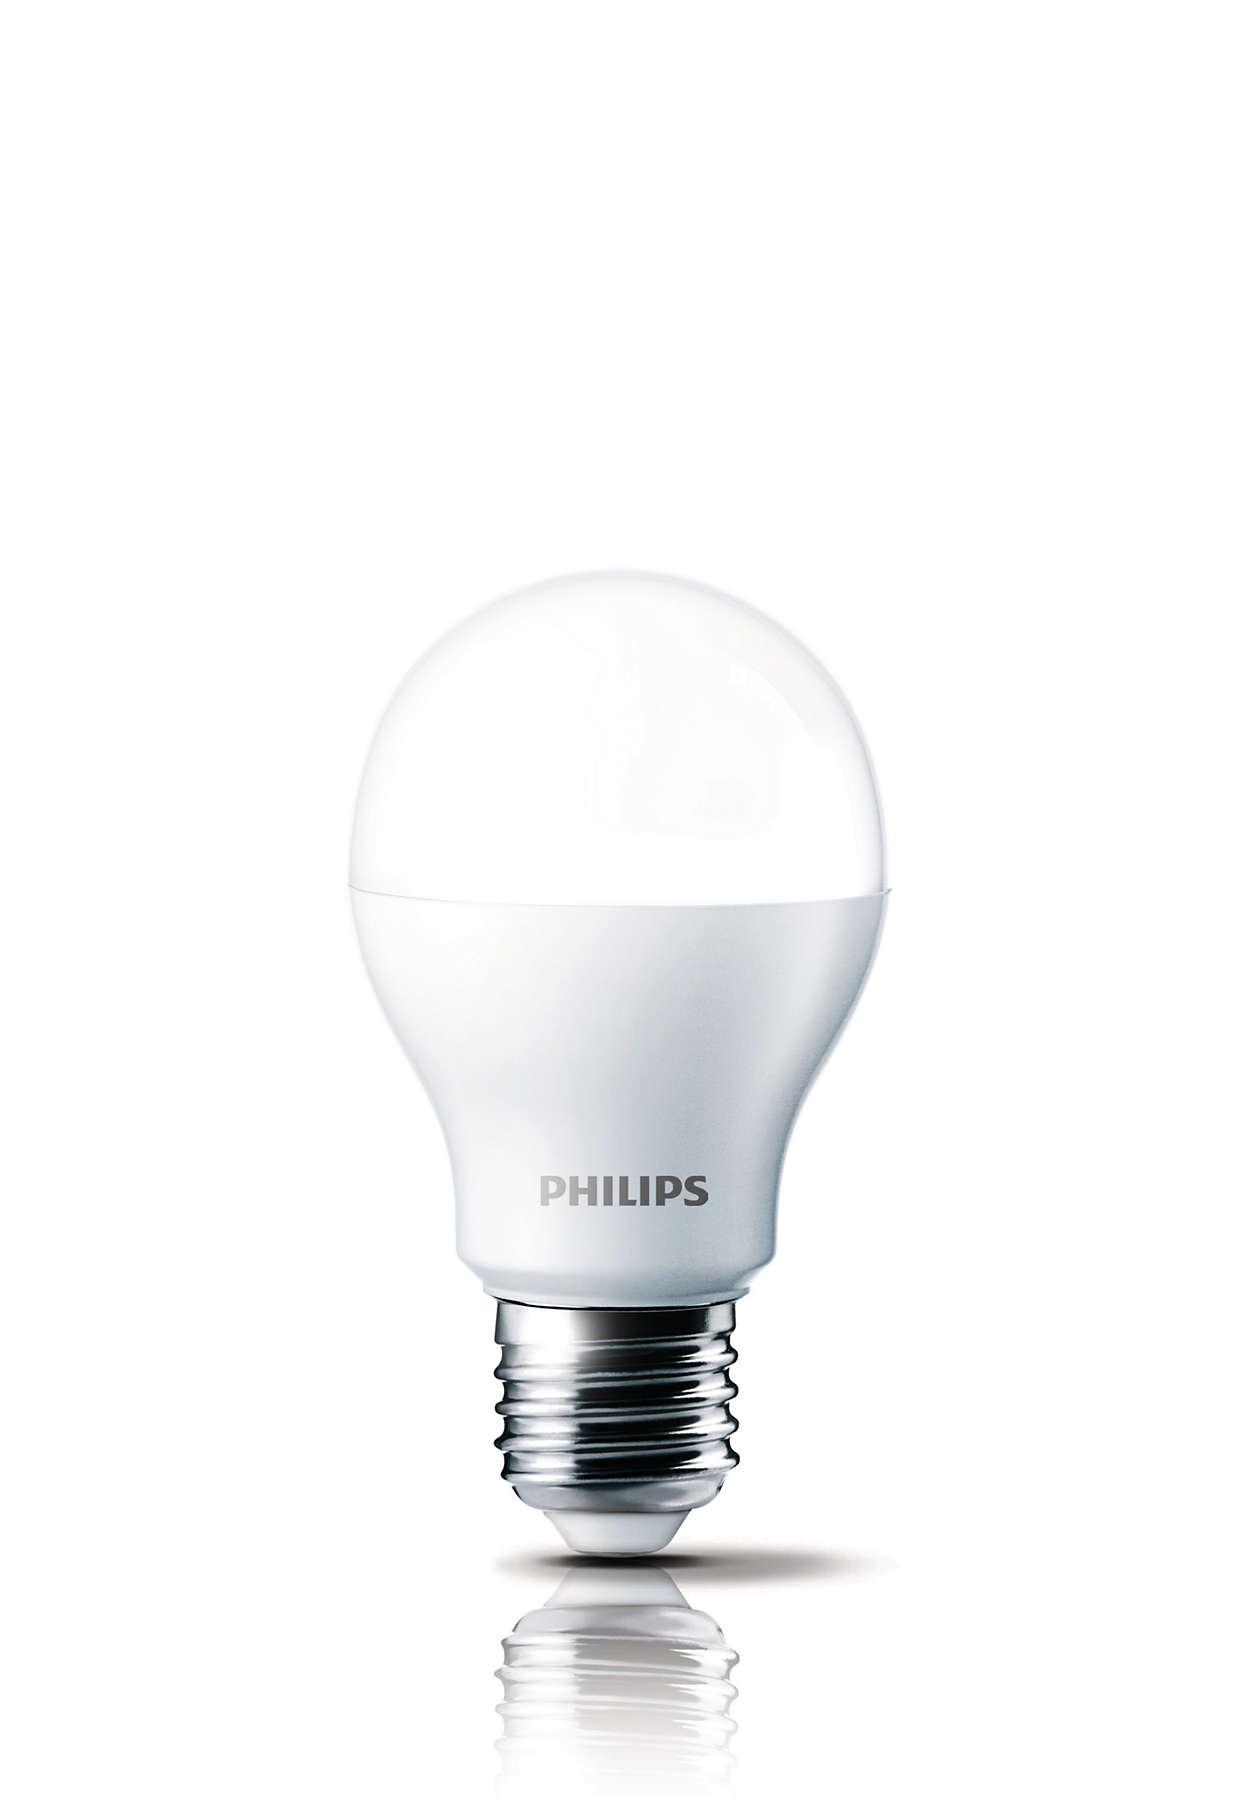 หลอดไฟ LED ทันสมัยเพื่อบ้านคุณ